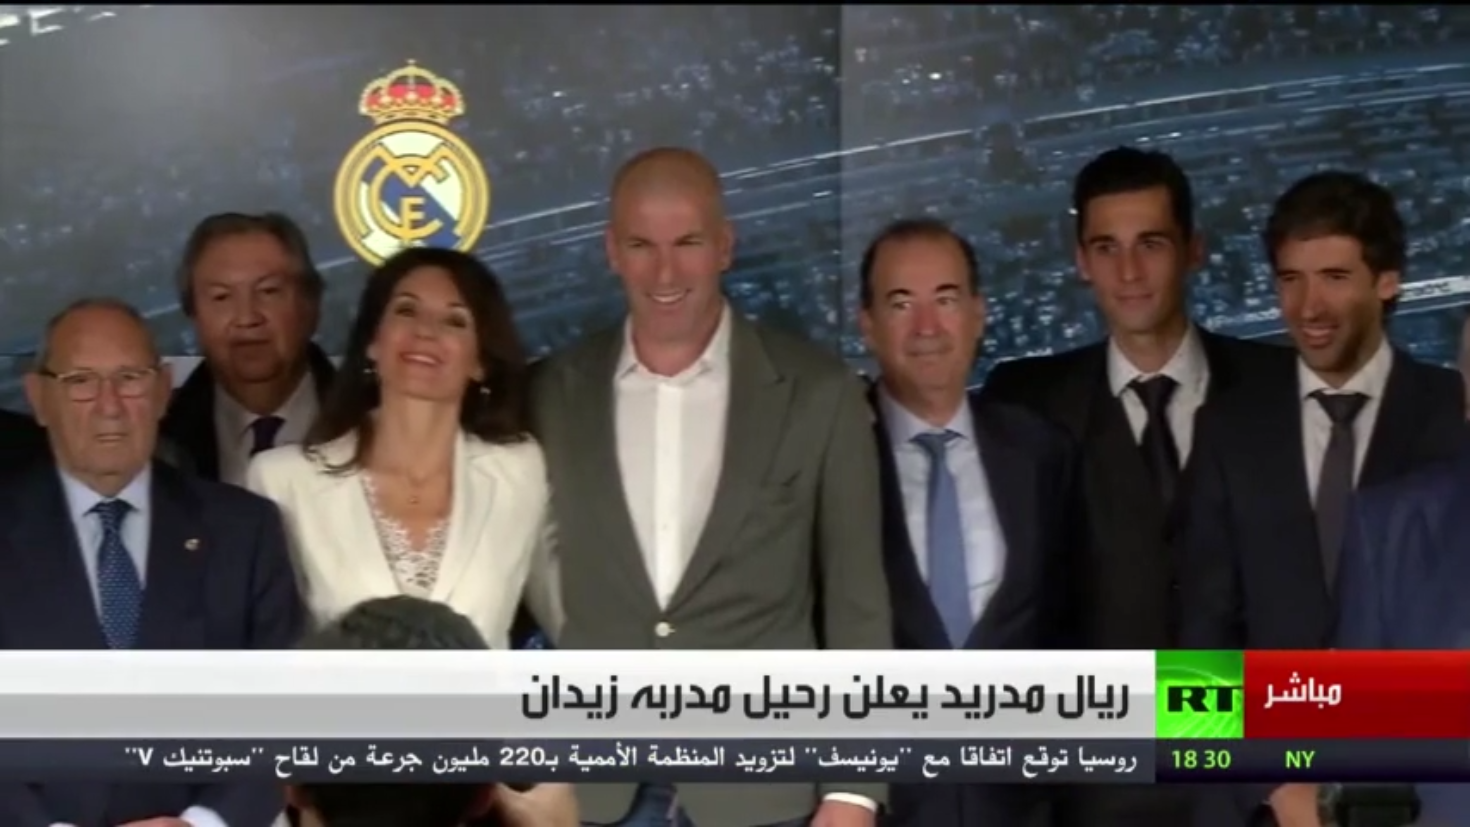 ريال مدريد يعلن رحيل مدربه زيدان